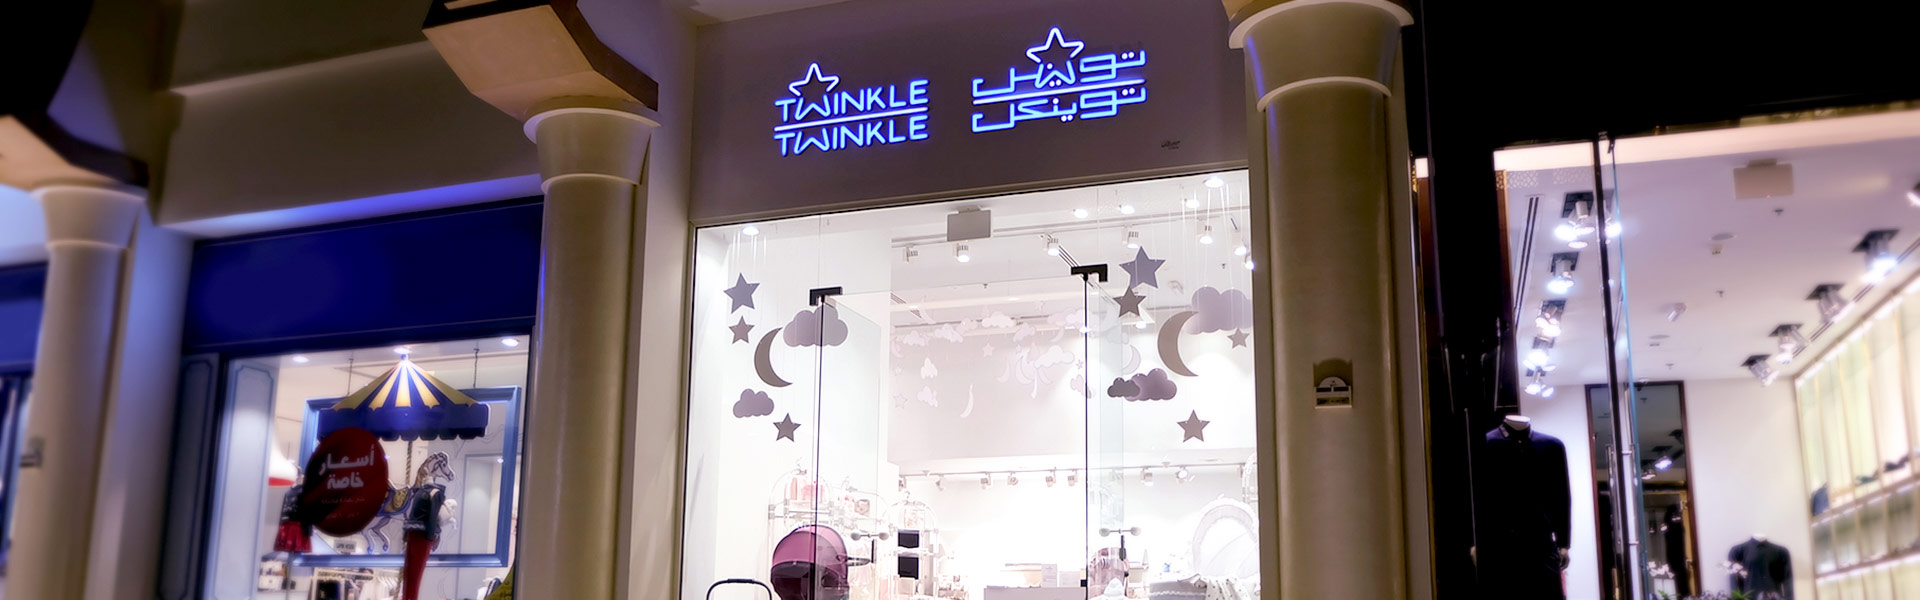 TwinkleTwinkle_Exterior01.jpg